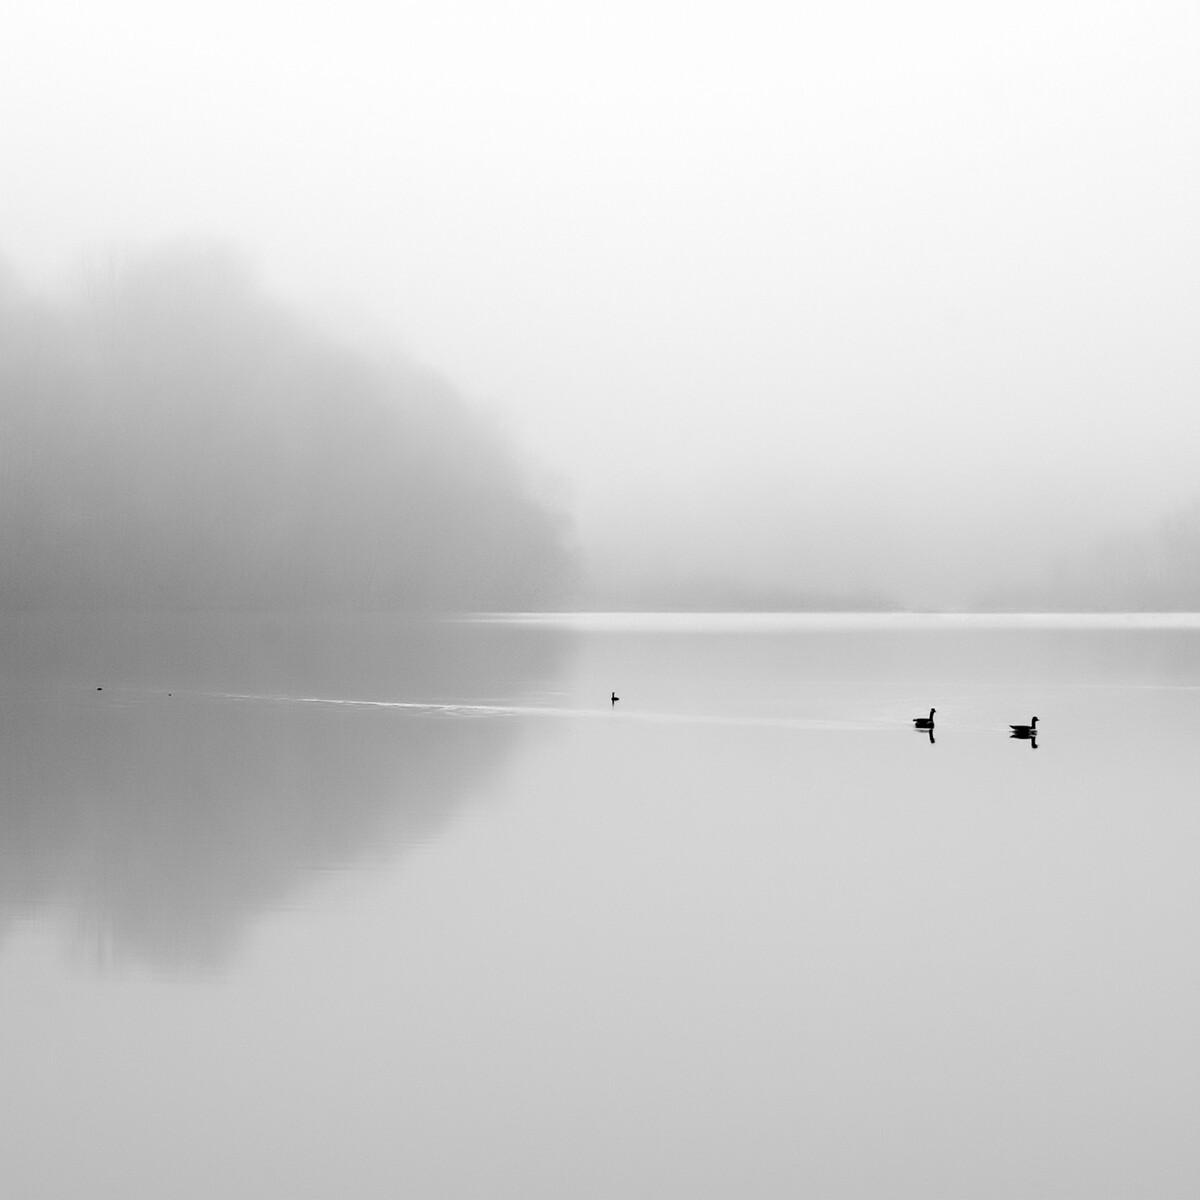 Финалист в категории «Пейзаж», 2021. «Тишь». Утренний туман в местном парке. Автор Андрей Илачинский